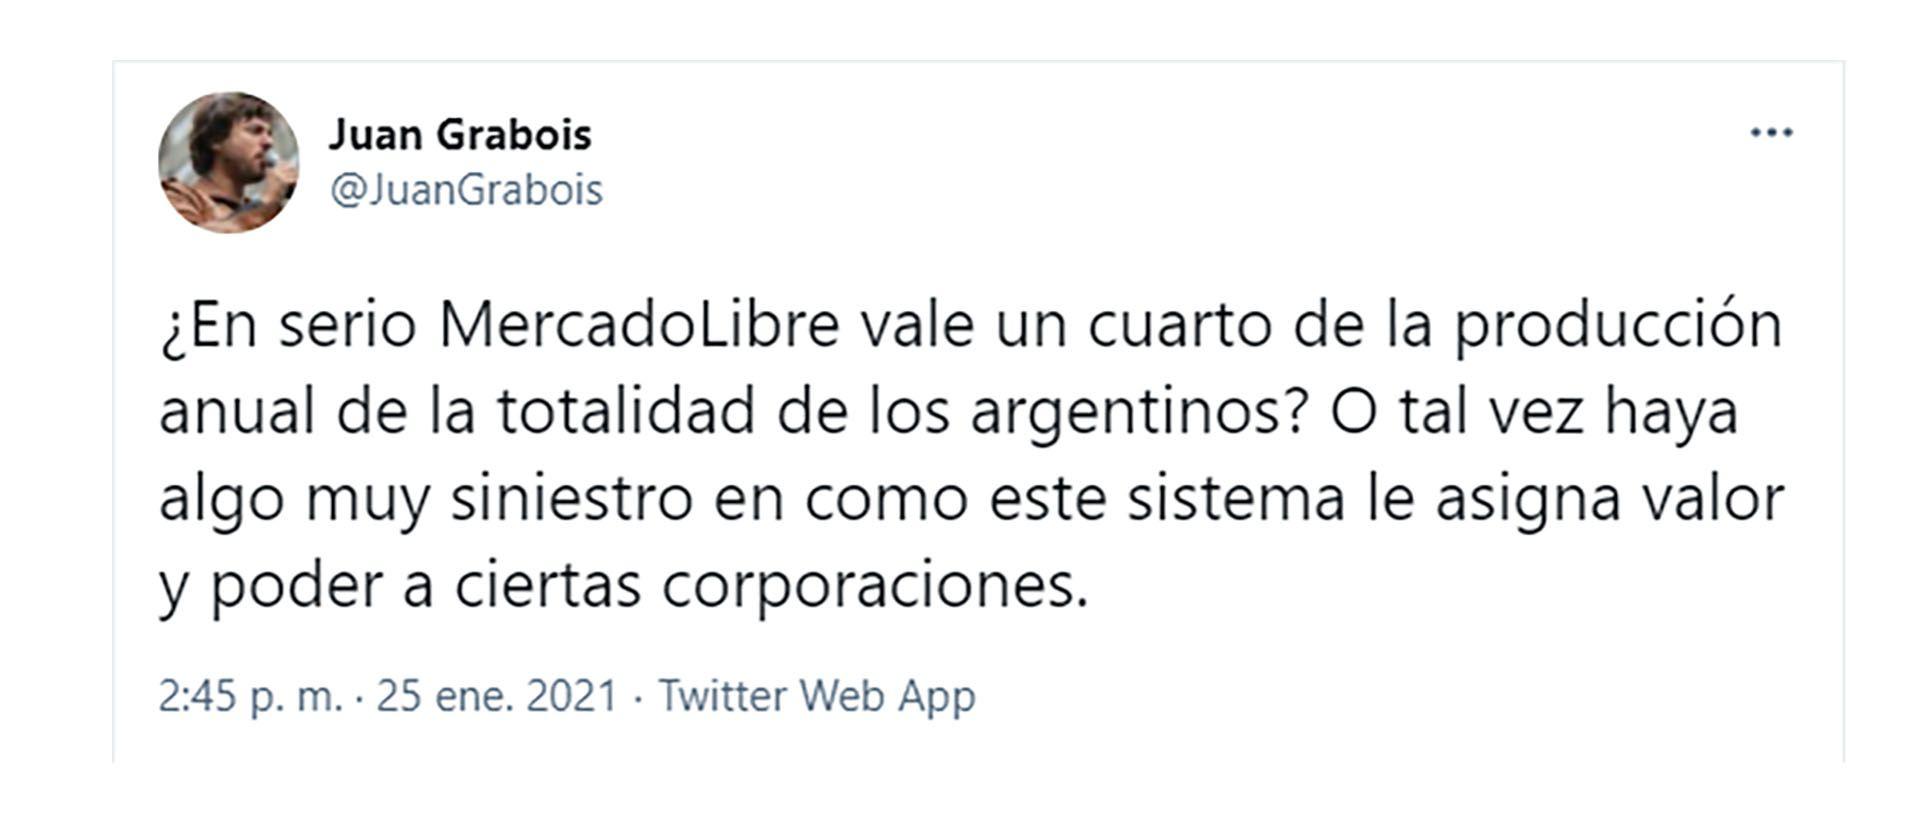 tweet de Grabois